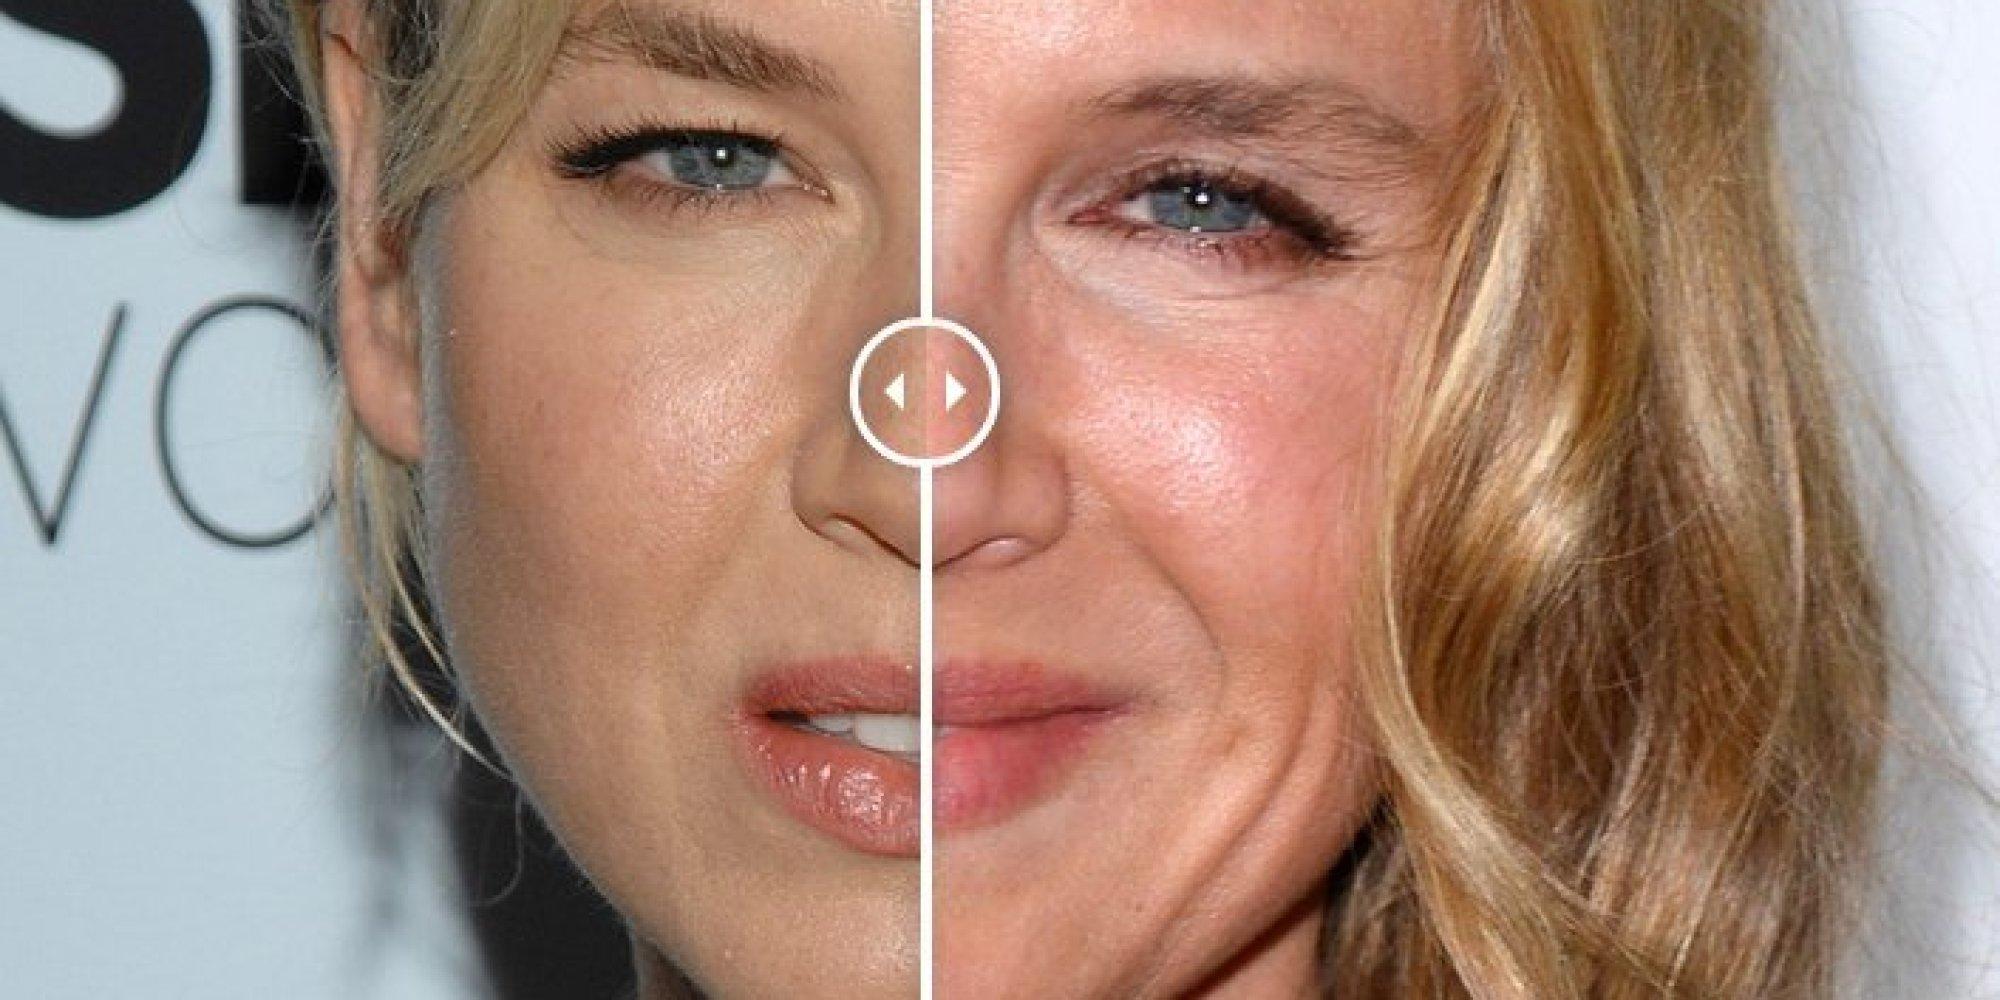 El antes y el después de Renee Zellweger (FOTOS, GIF)